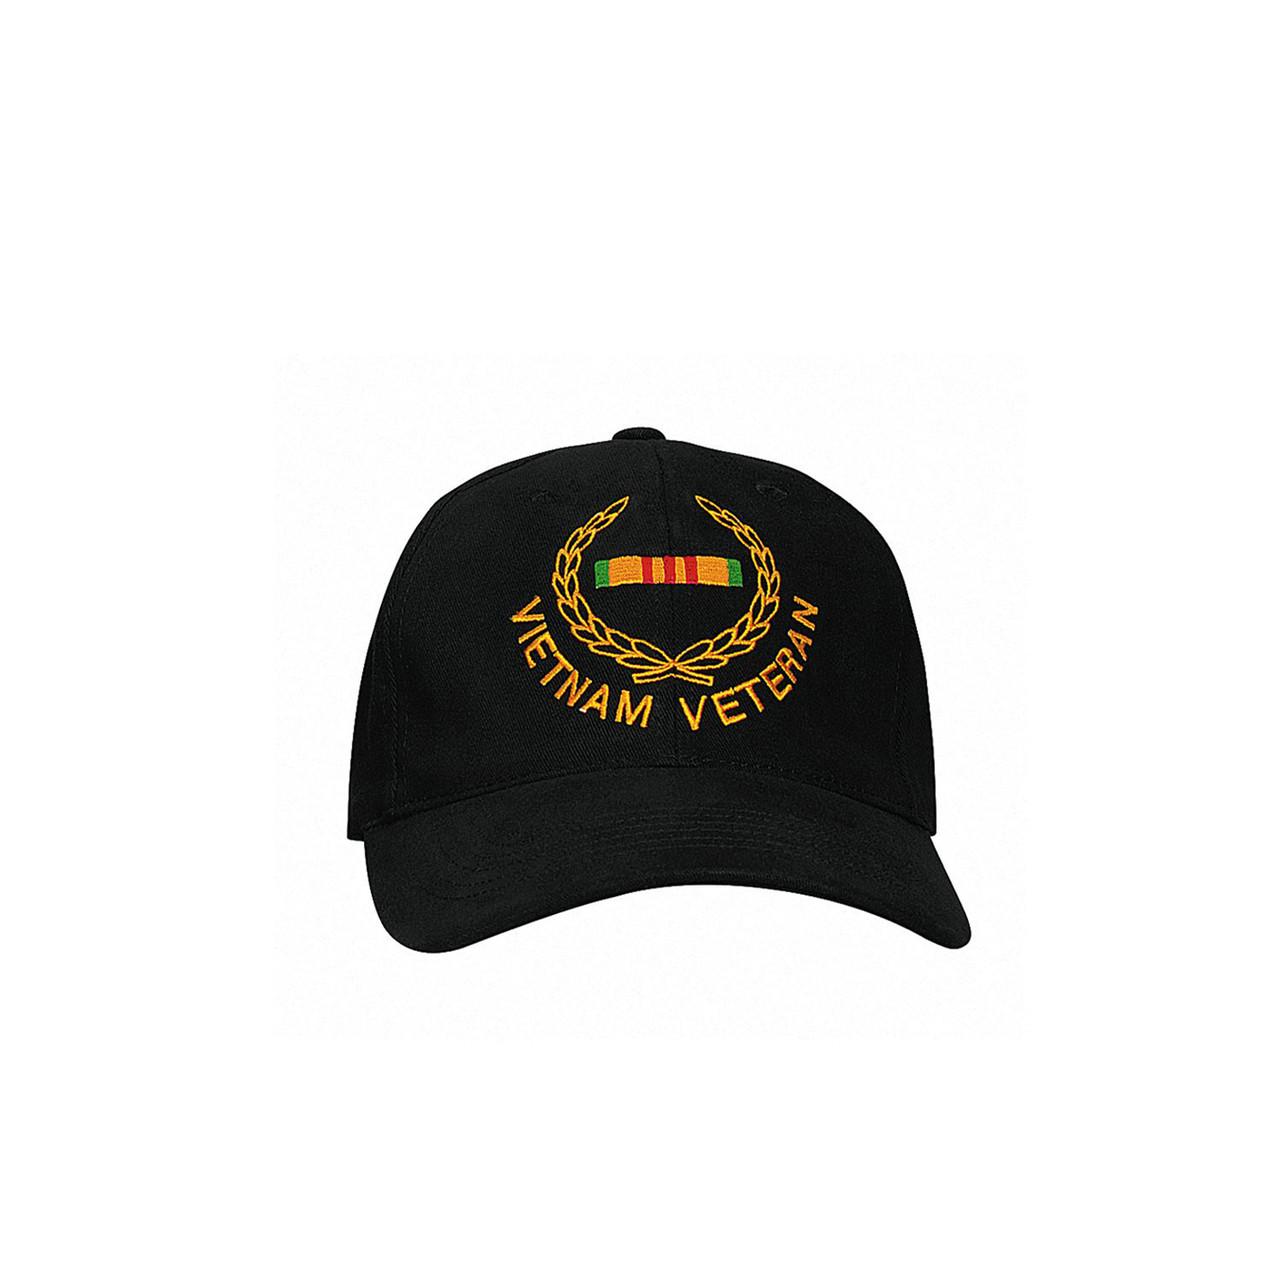 7d8d7862ebf Shop Vietnam Veteran Insignia Cap - Fatigues Army Navy Gear